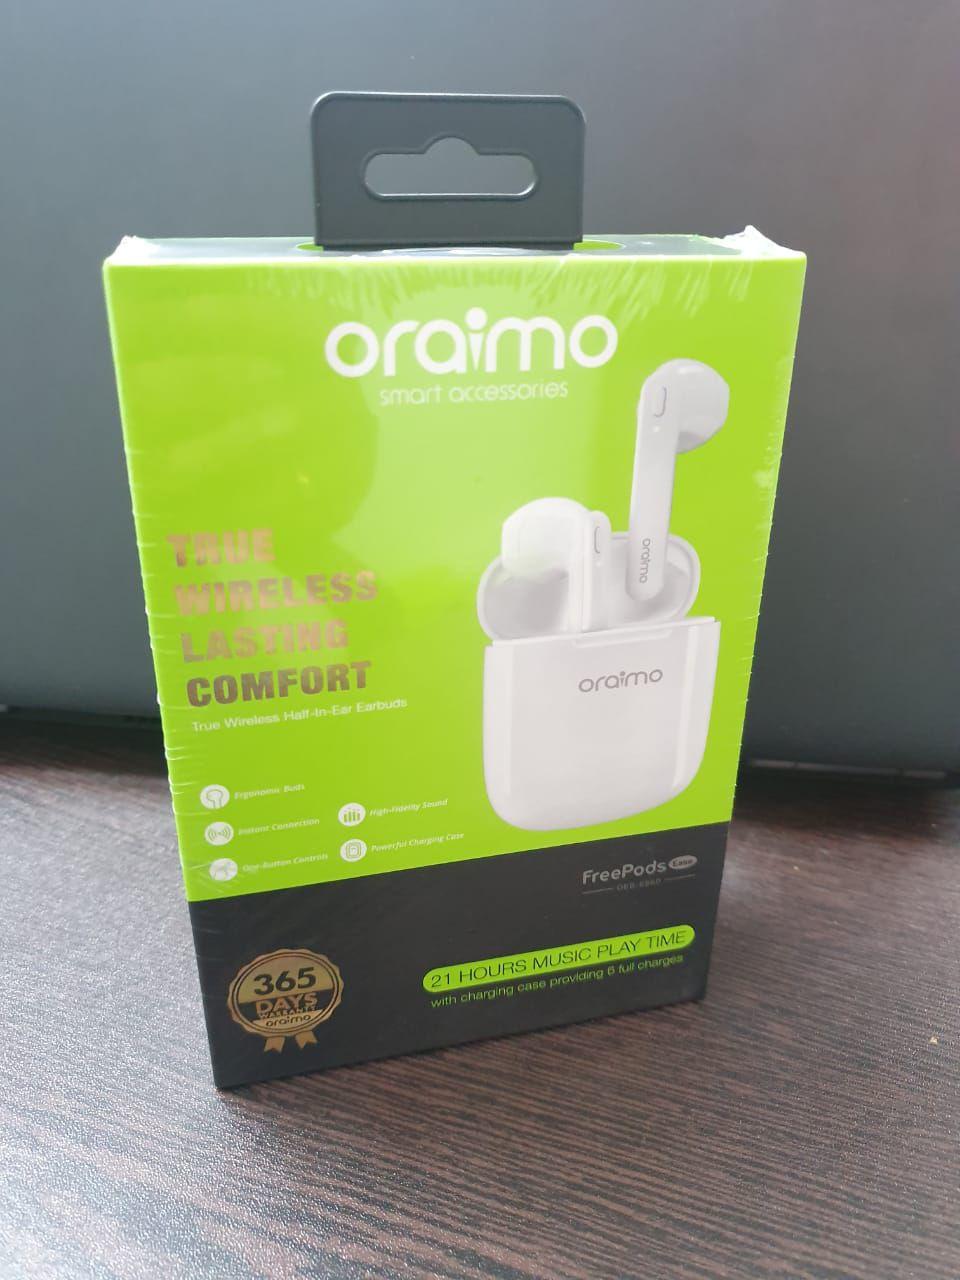 oraimo Freepods OEB,E98D Apple Style Ear Buds Wireless